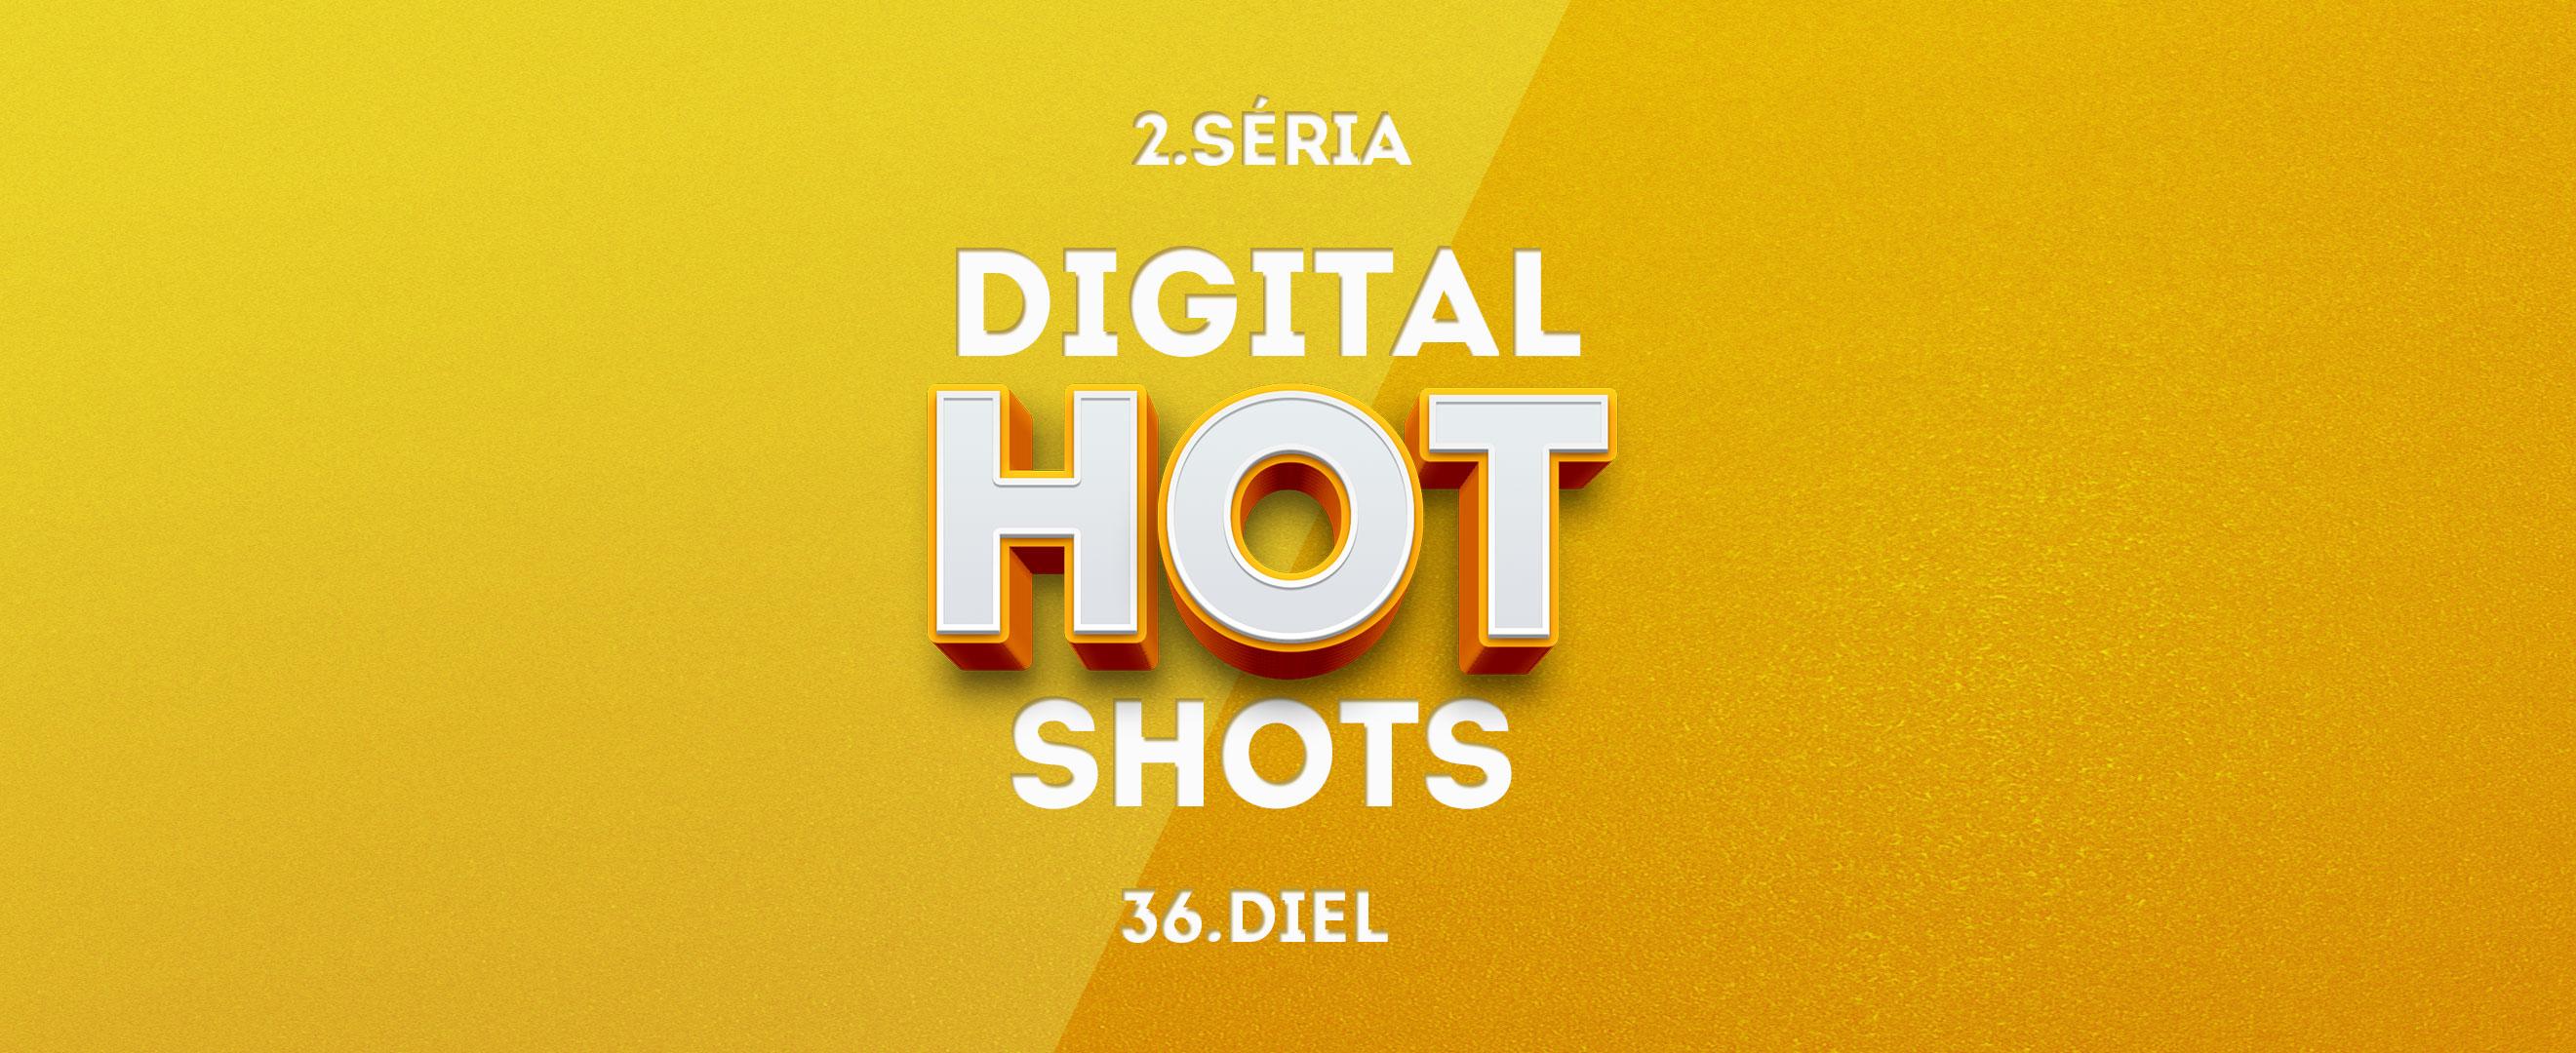 Rozšírená realita na IG, Digitálna agentúra roka 2019 a ďalšie novinky   Digital Hot Shots 2 #36